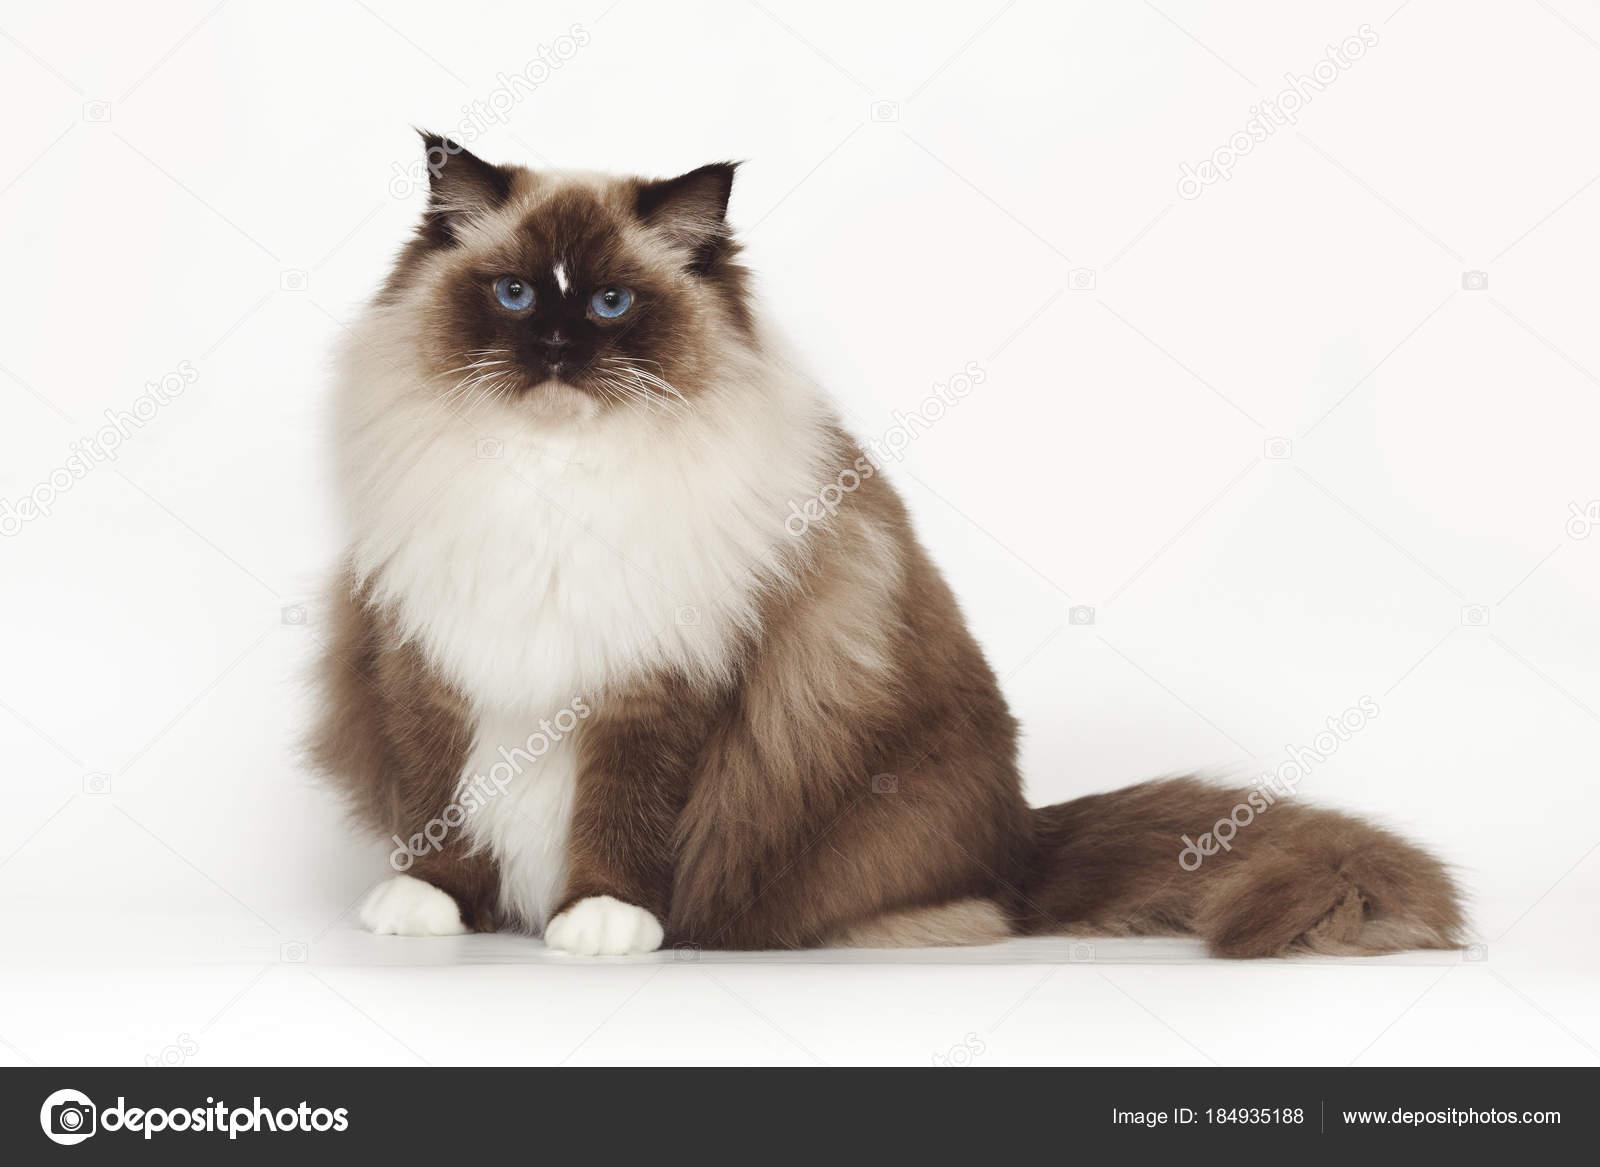 Puszysty Piękny Biały Kot Ragdoll Z Niebieskimi Oczami Siedząc Na